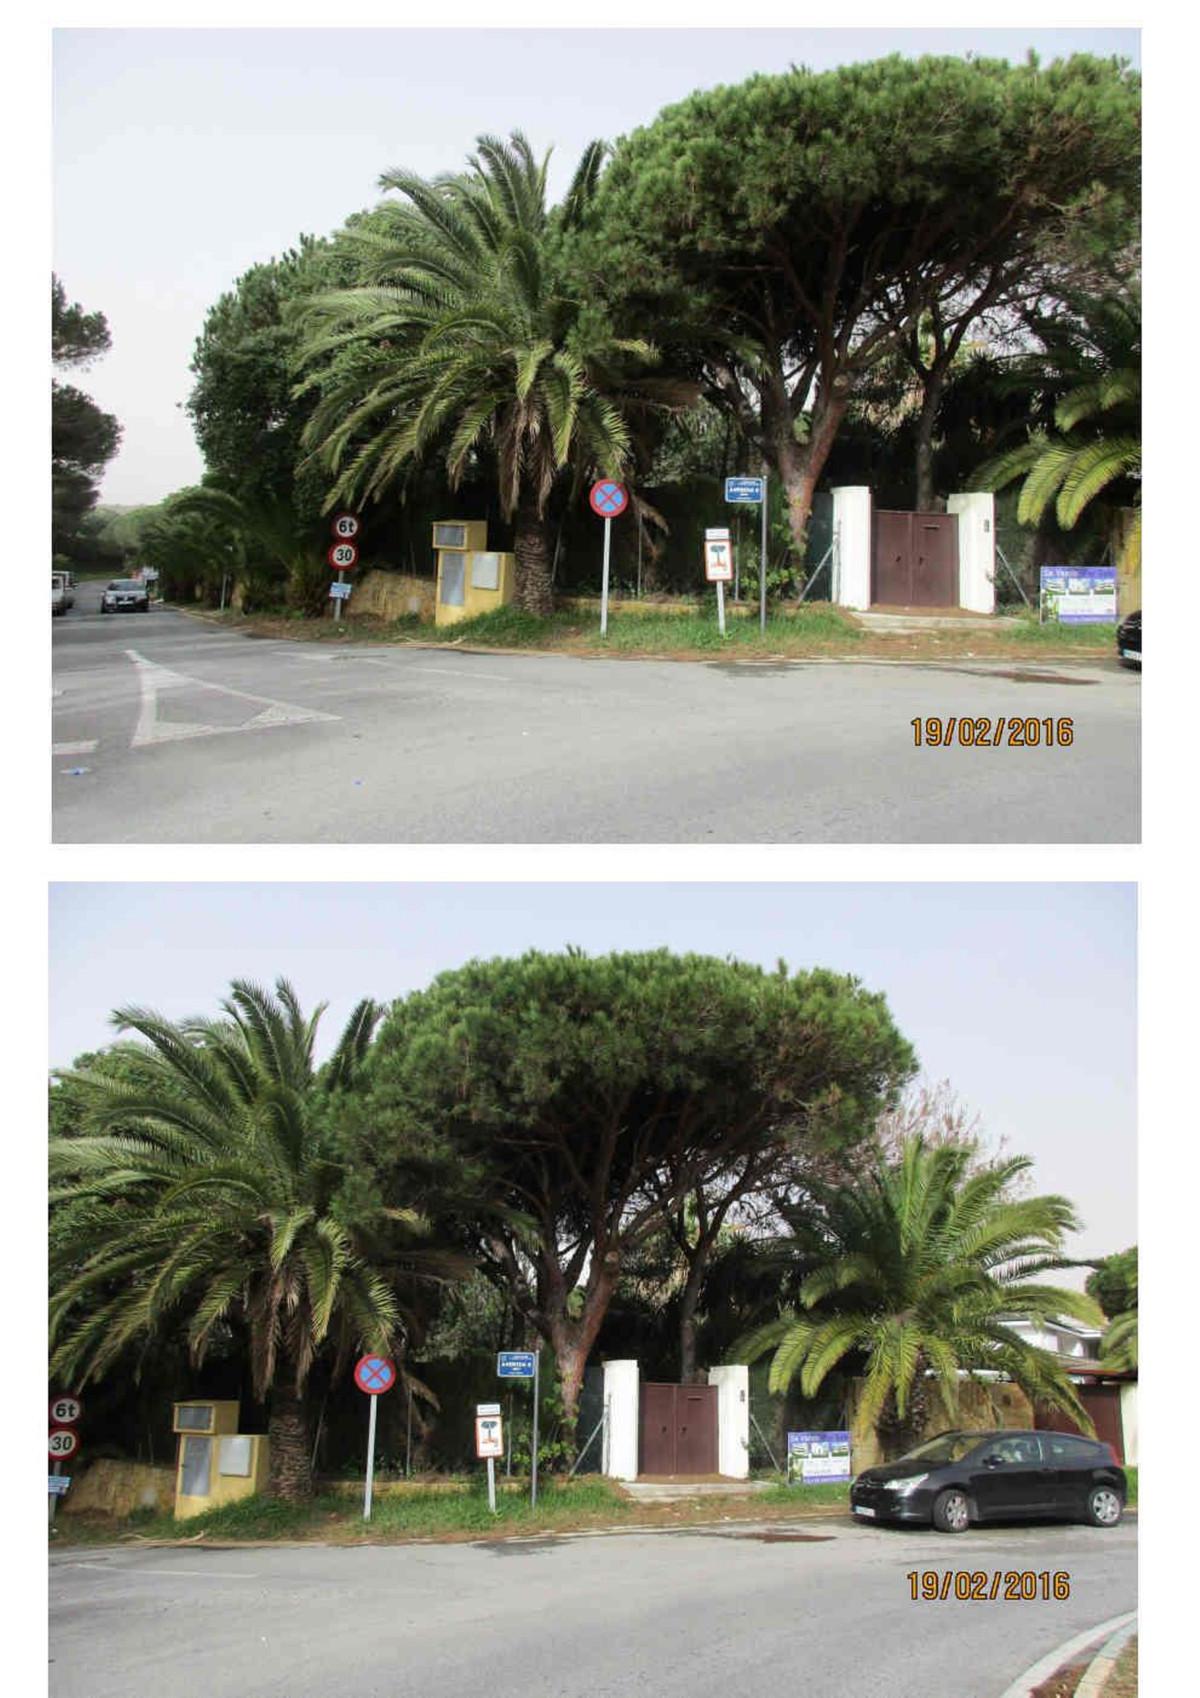 Terrain  Résidentiel en vente   à Hacienda Las Chapas